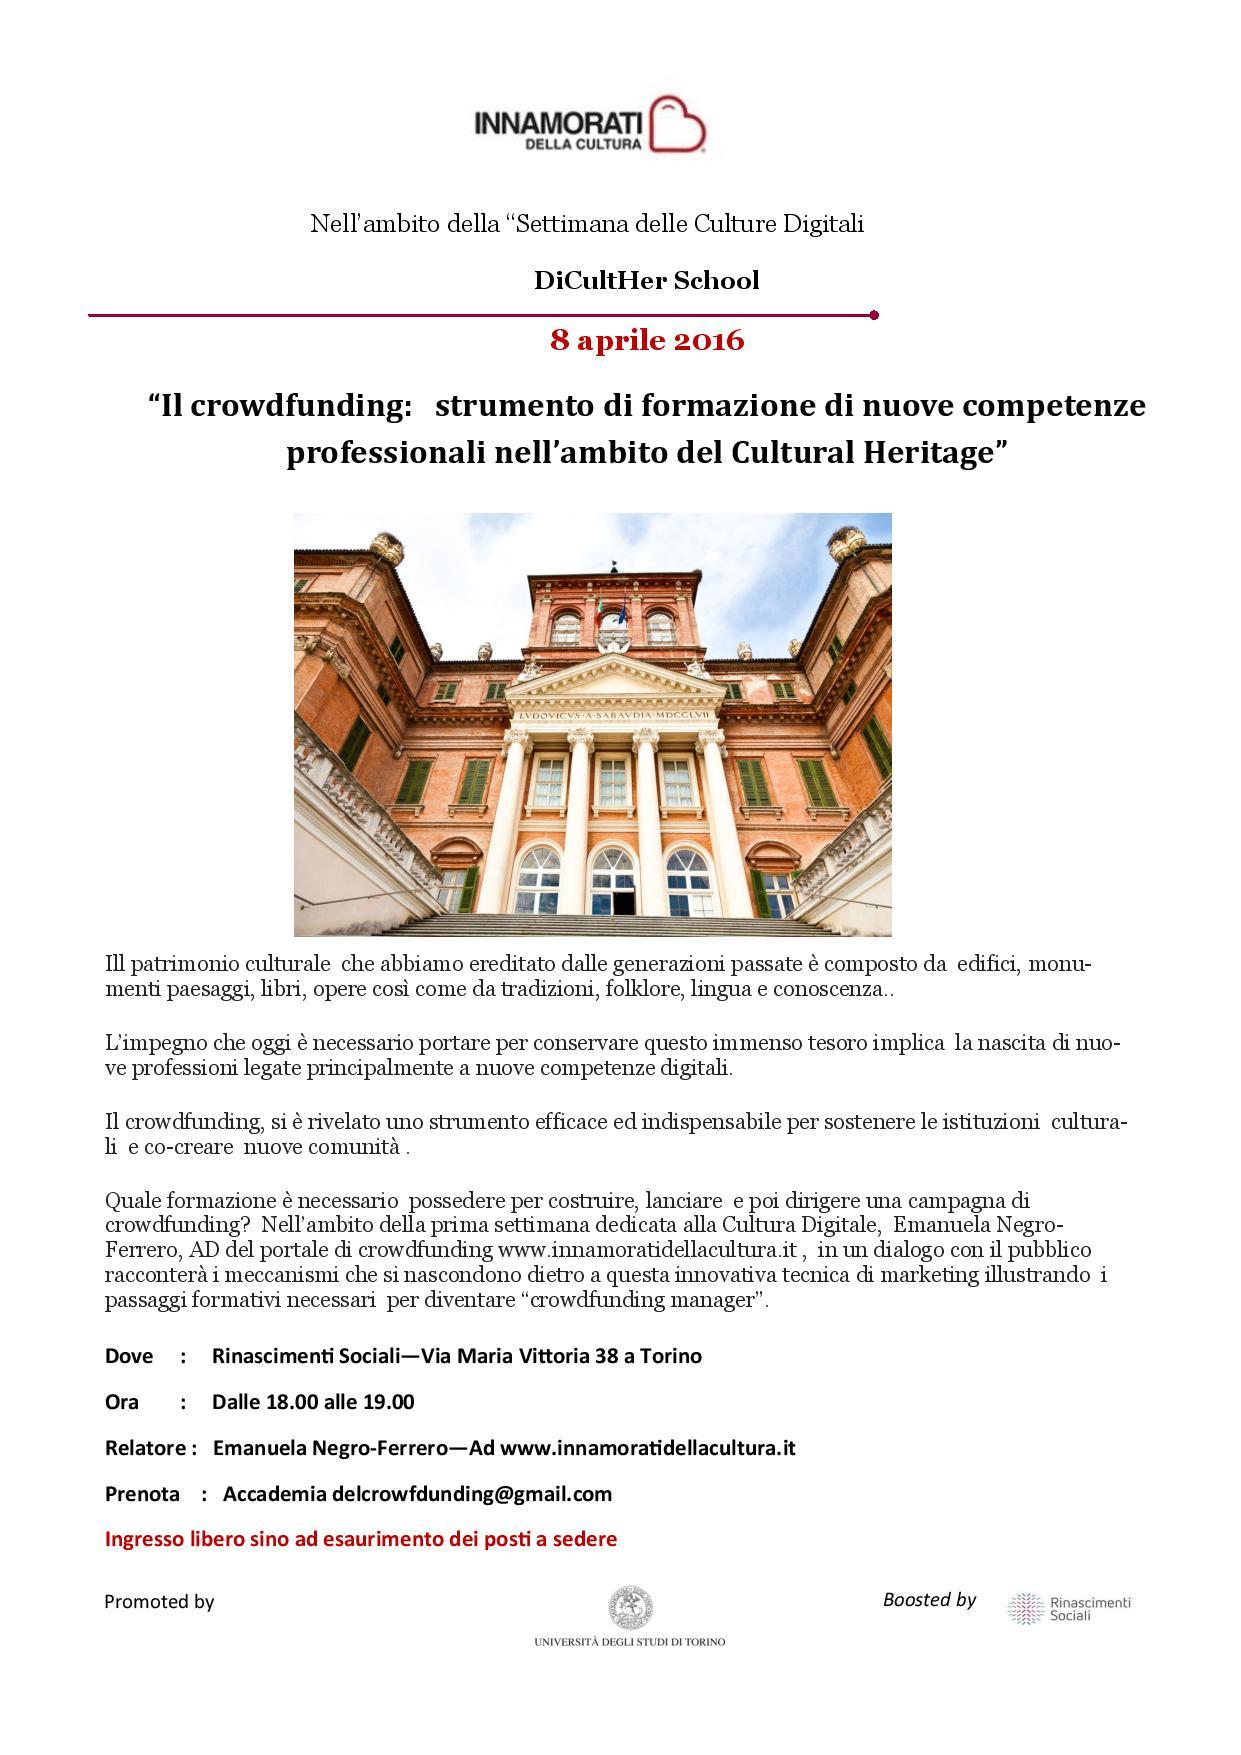 Il crowdfunding:  strumento di formazione di nuove competenze professionali  nell'ambito del Cultural Heritage